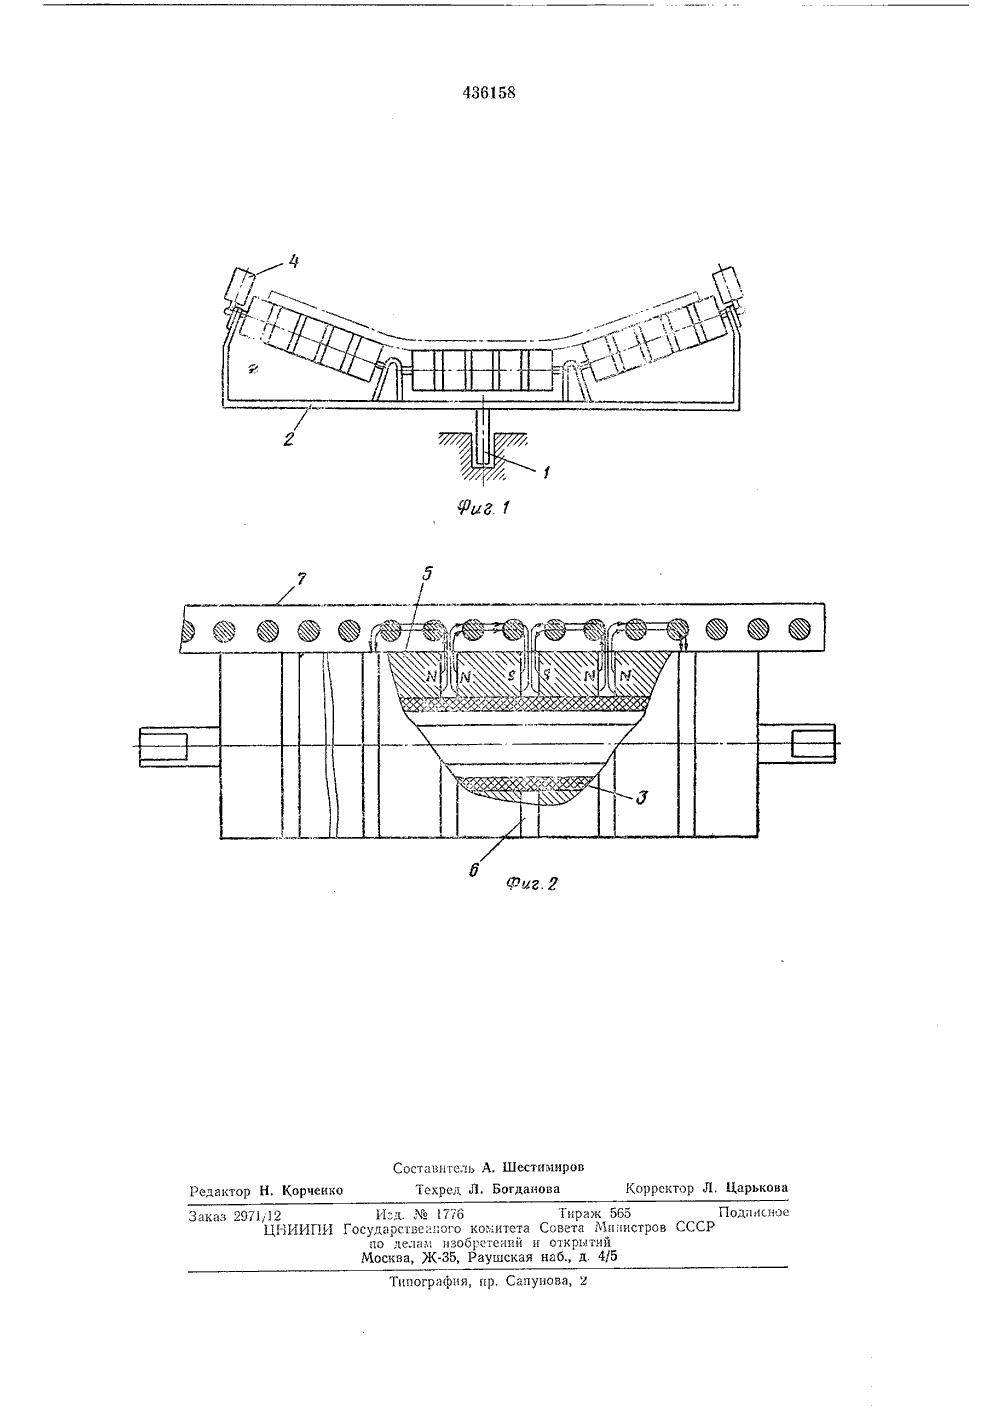 Самоцентрирующие роликоопоры ленточных конвейеров мкпп для фольксваген транспортер т5 ремонт